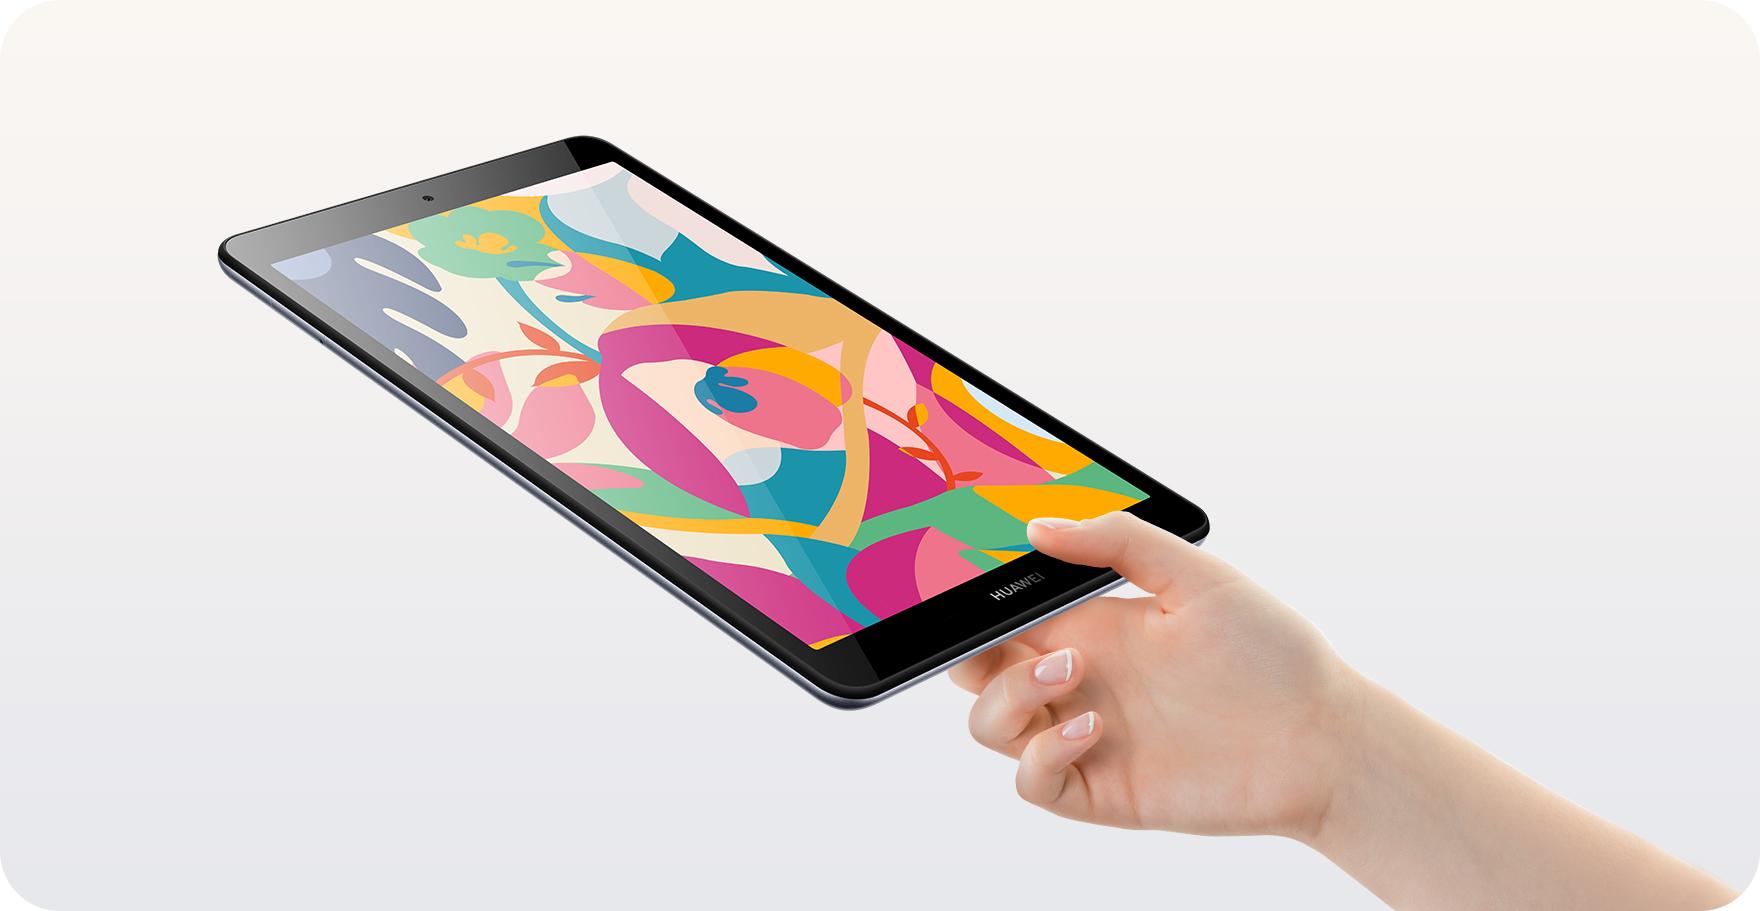 Újabb Huawei MediaPad tablet bukkant fel